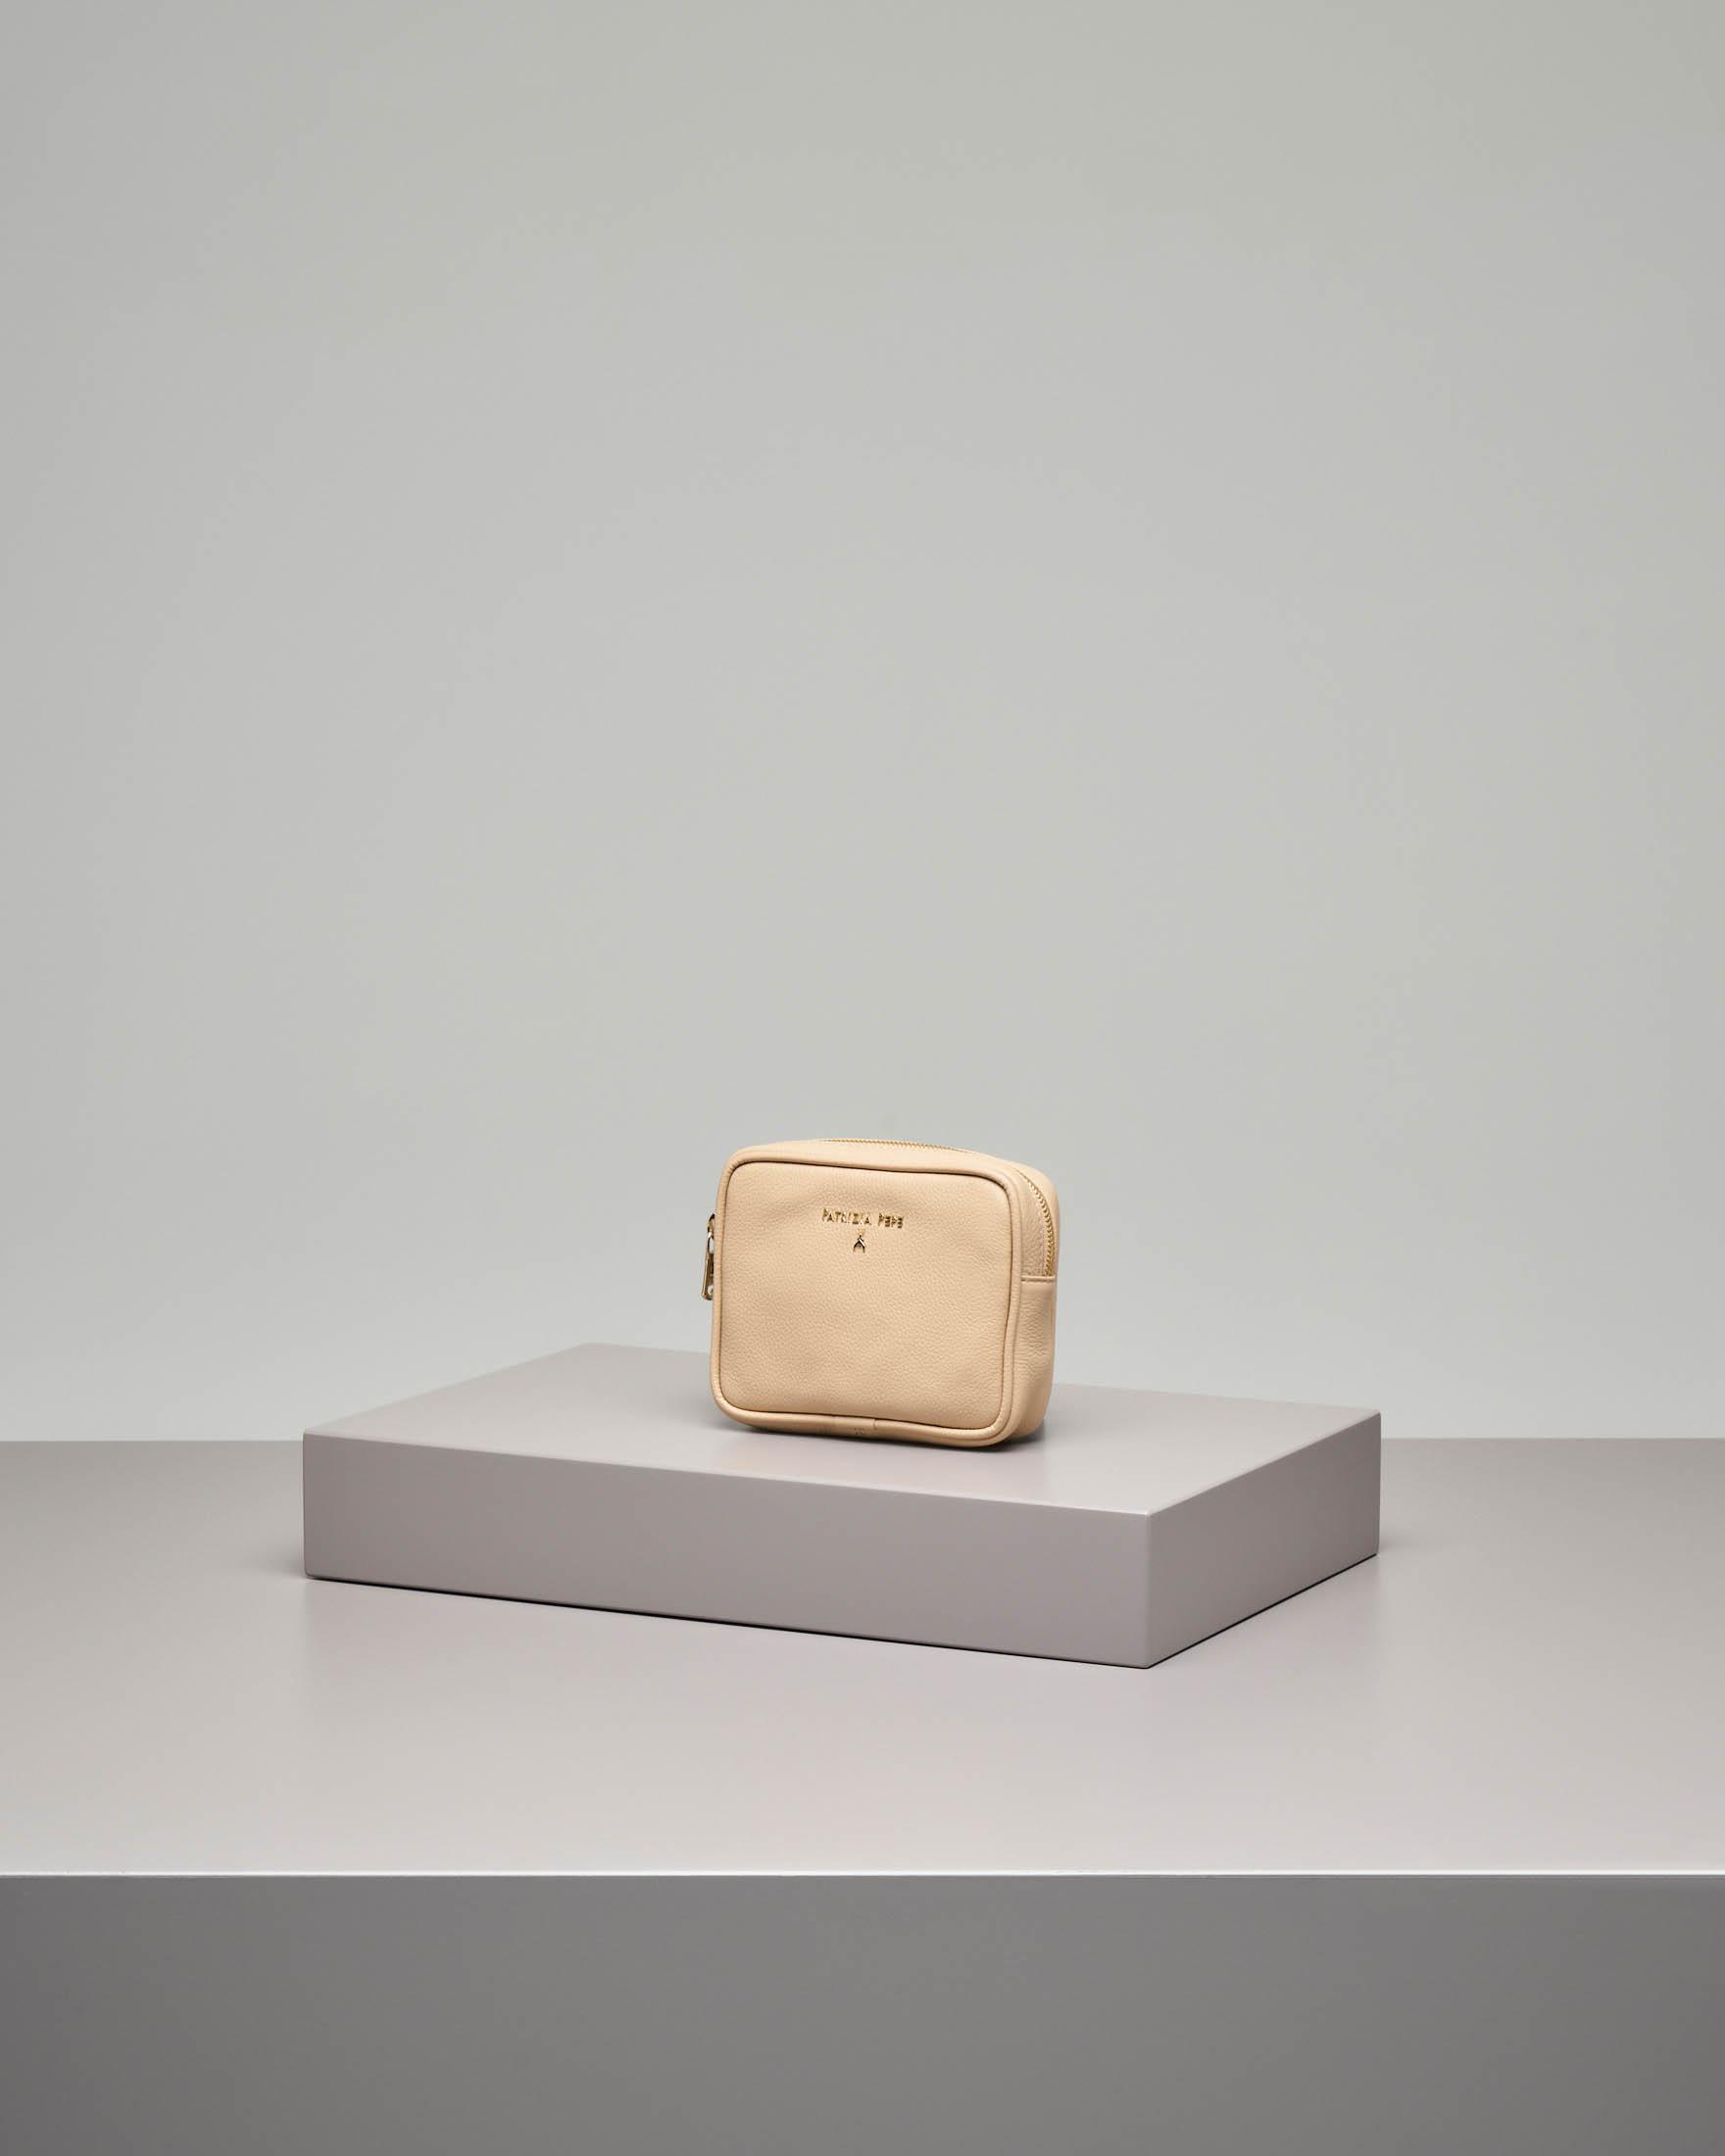 Pochette beige quadrata in pelle con logo